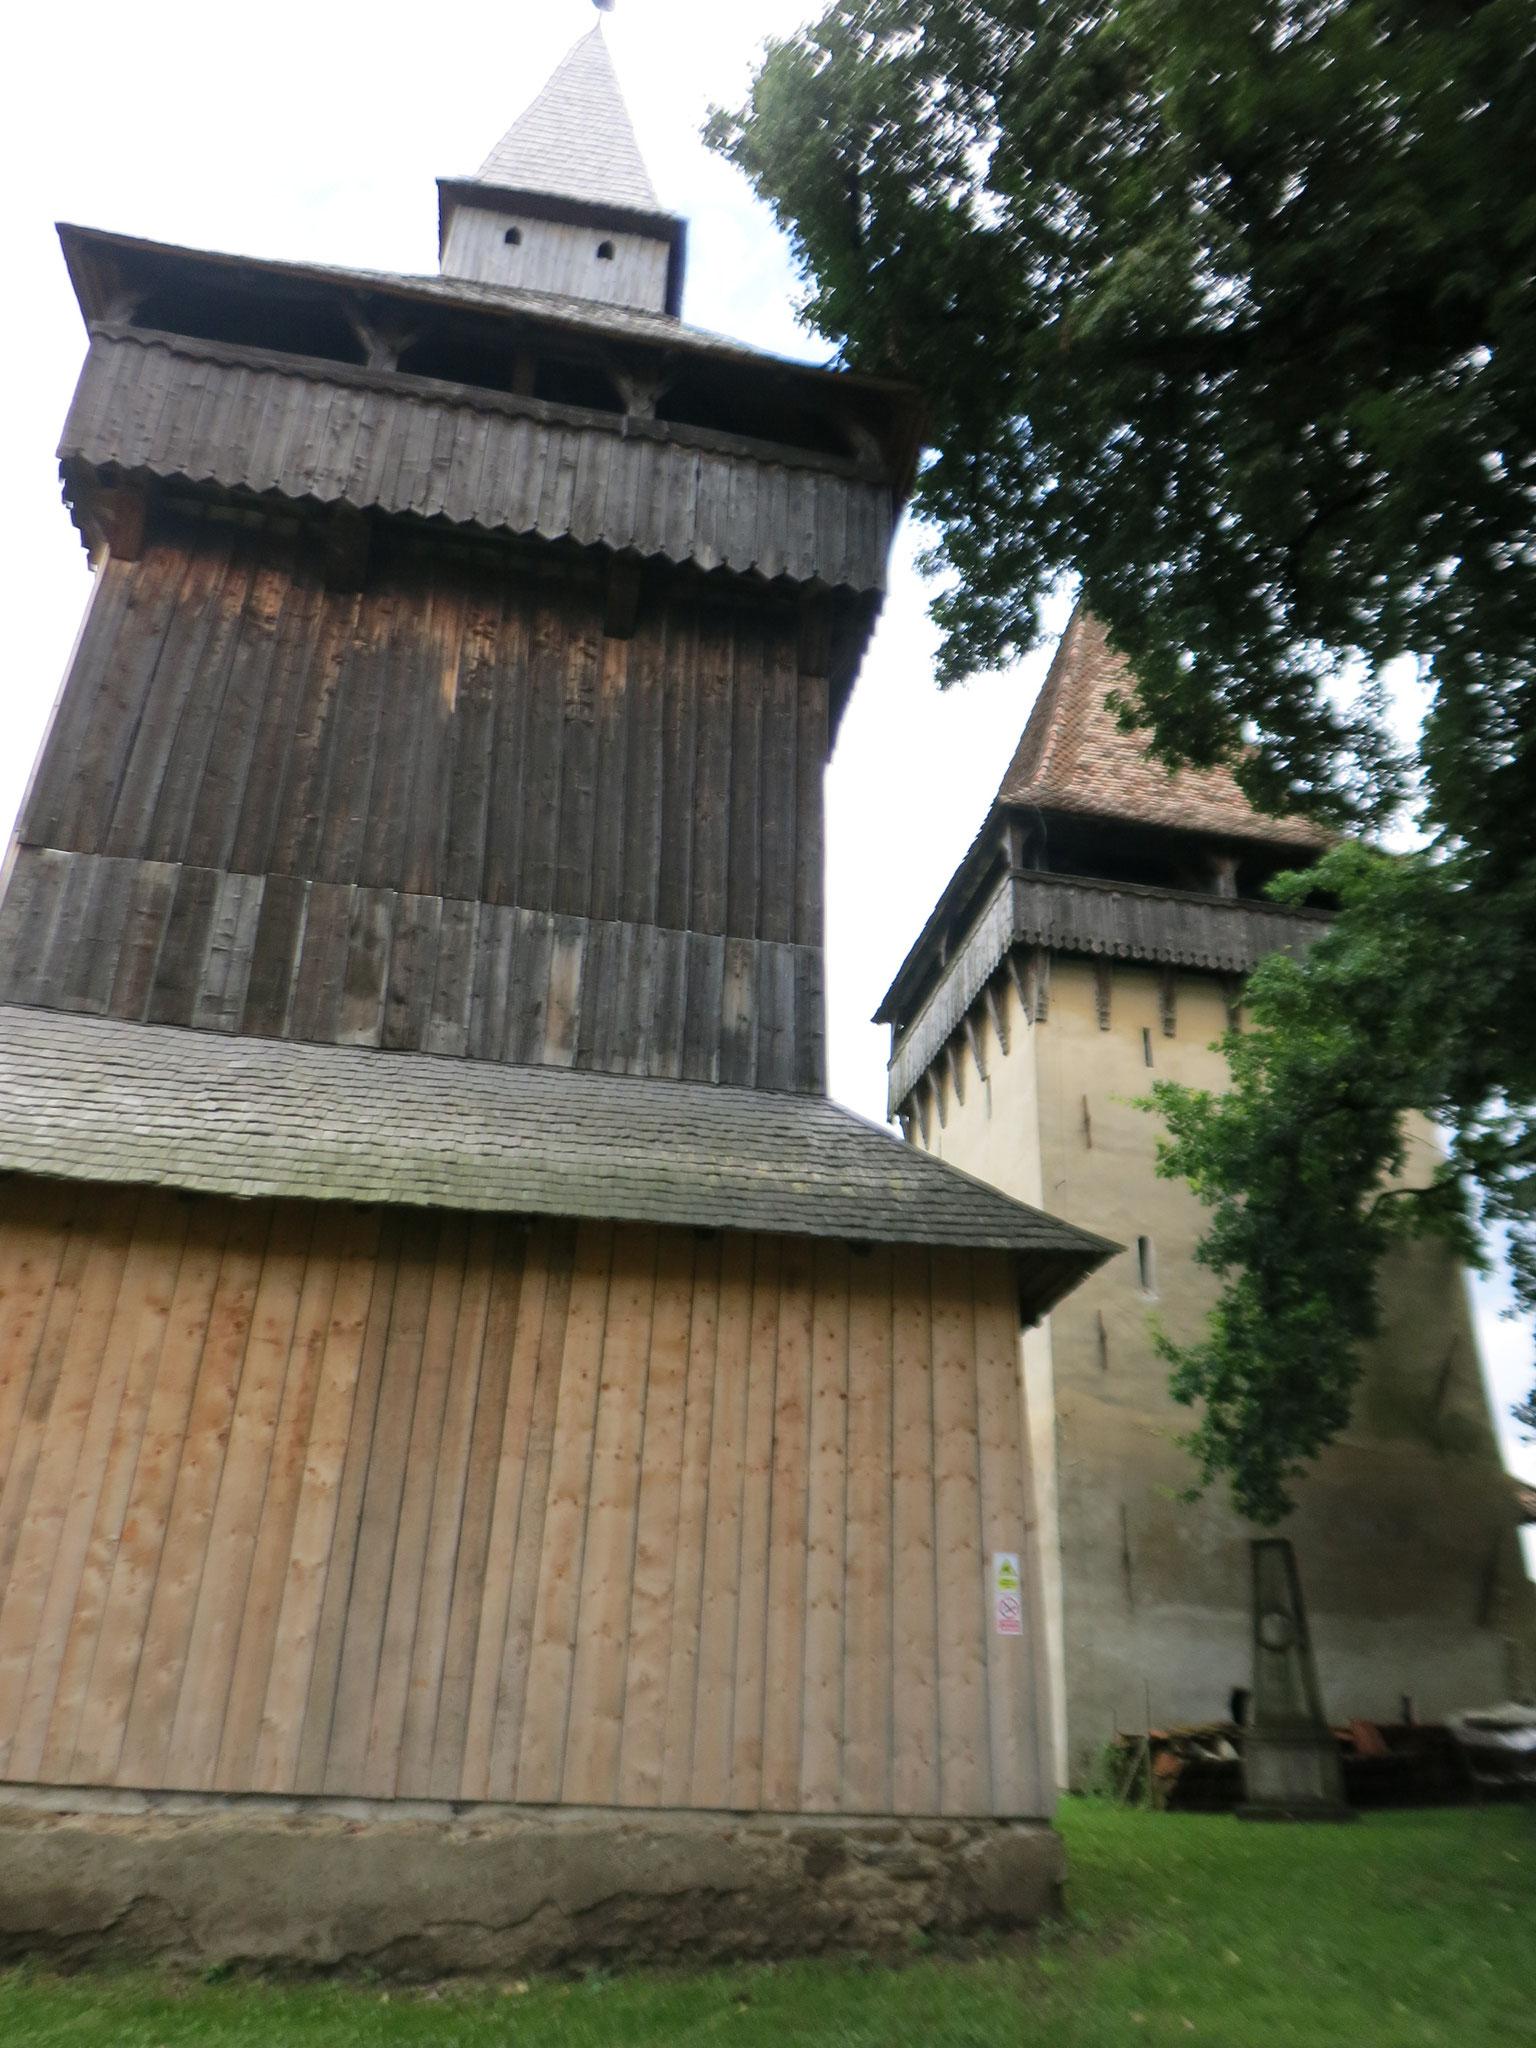 Igleisa fortificada de Biertan